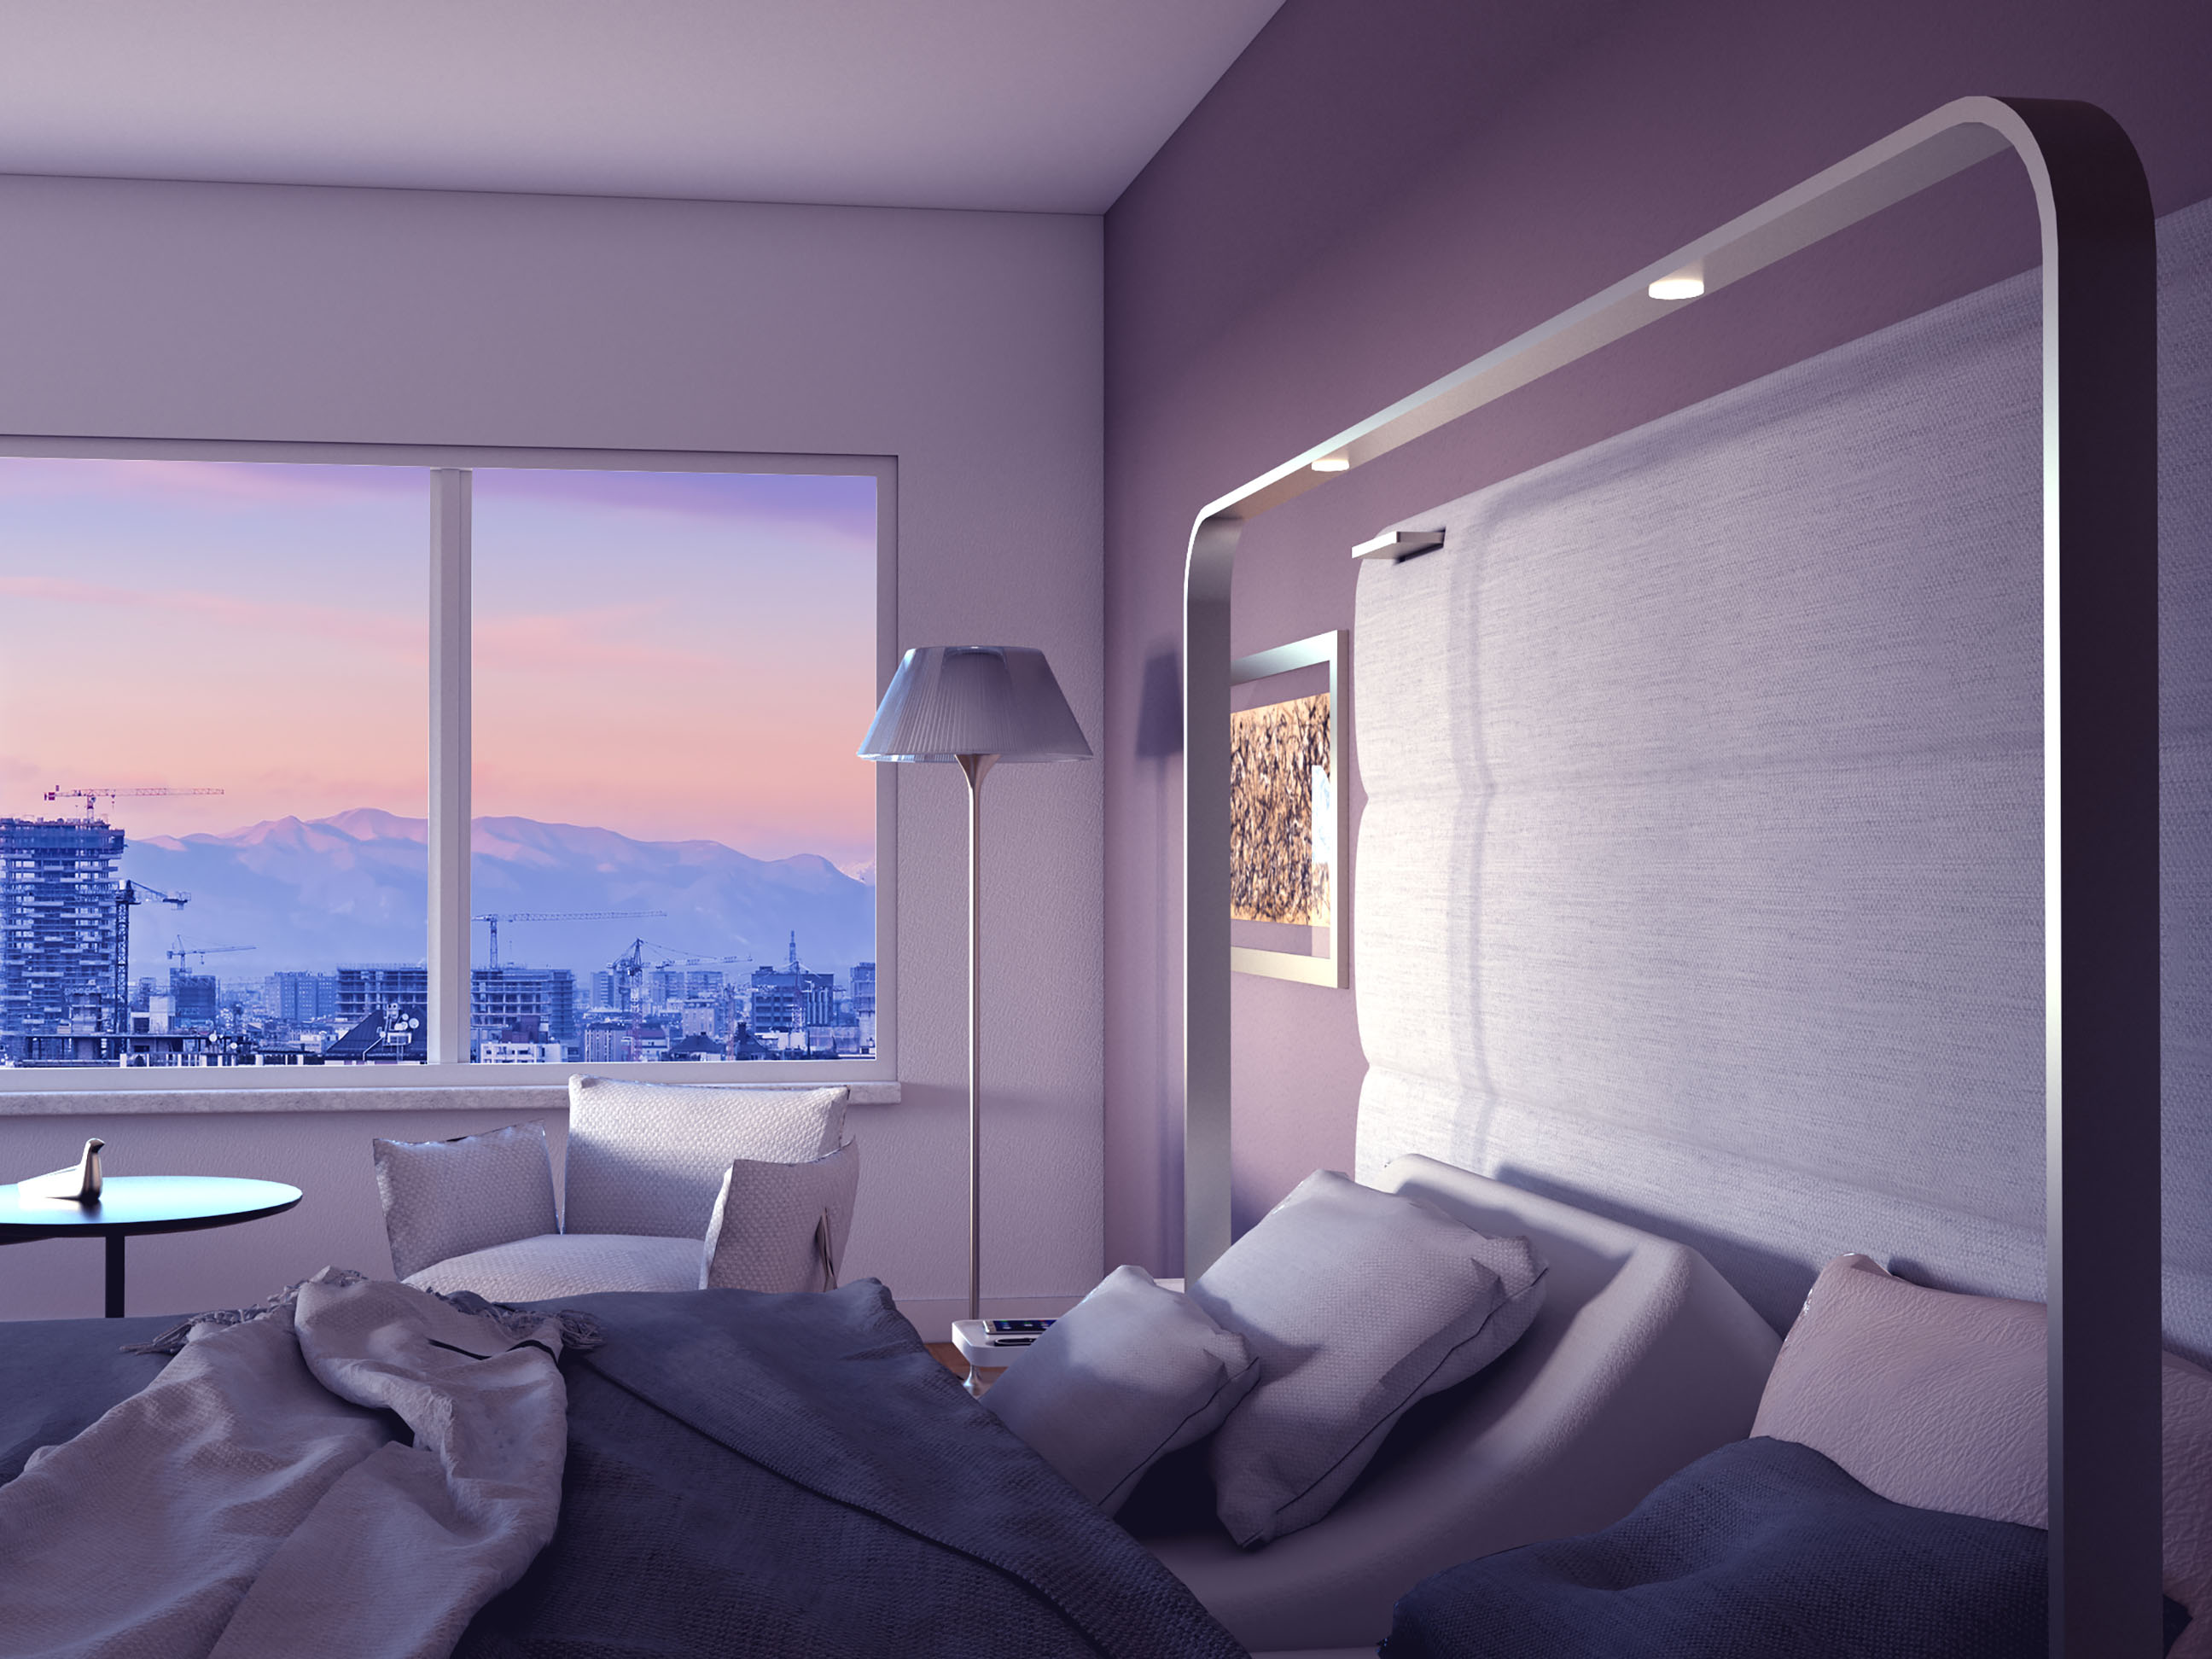 Camere Dalbergo Più Belle : Camere dhotel accessibili 5 progetti di design dallied milano